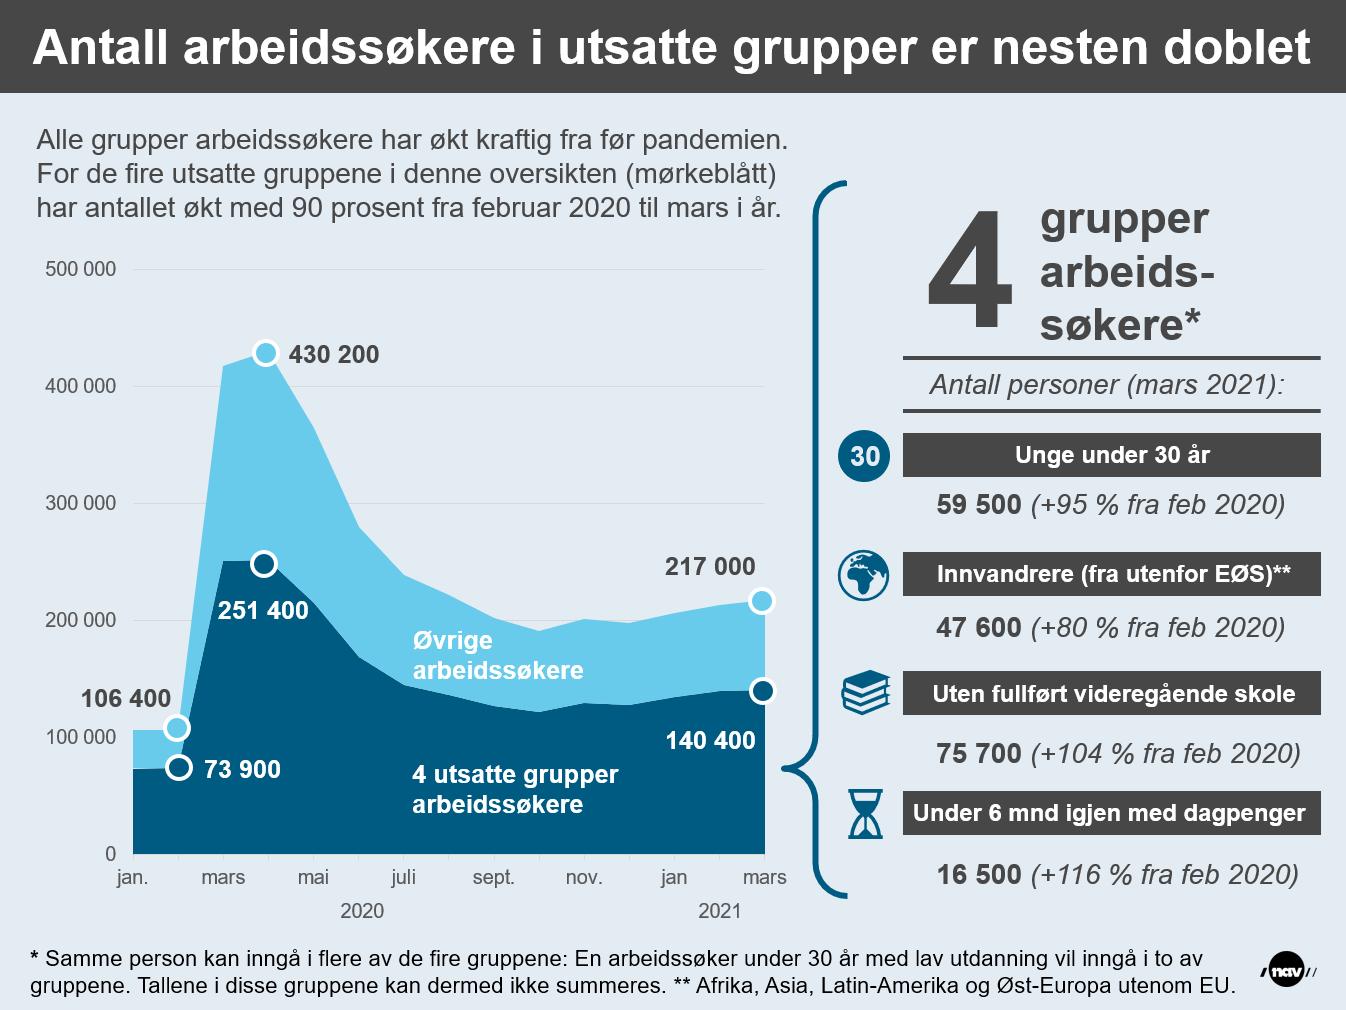 Infografikken viser utviklingen i antall arbeidssøkere fra før koronakrisen og fram til nå. Den mørkeblå delen av grafen viser utviklingen for fire grupper som anses å være særlig utsatt på arbeidsmarkedet.